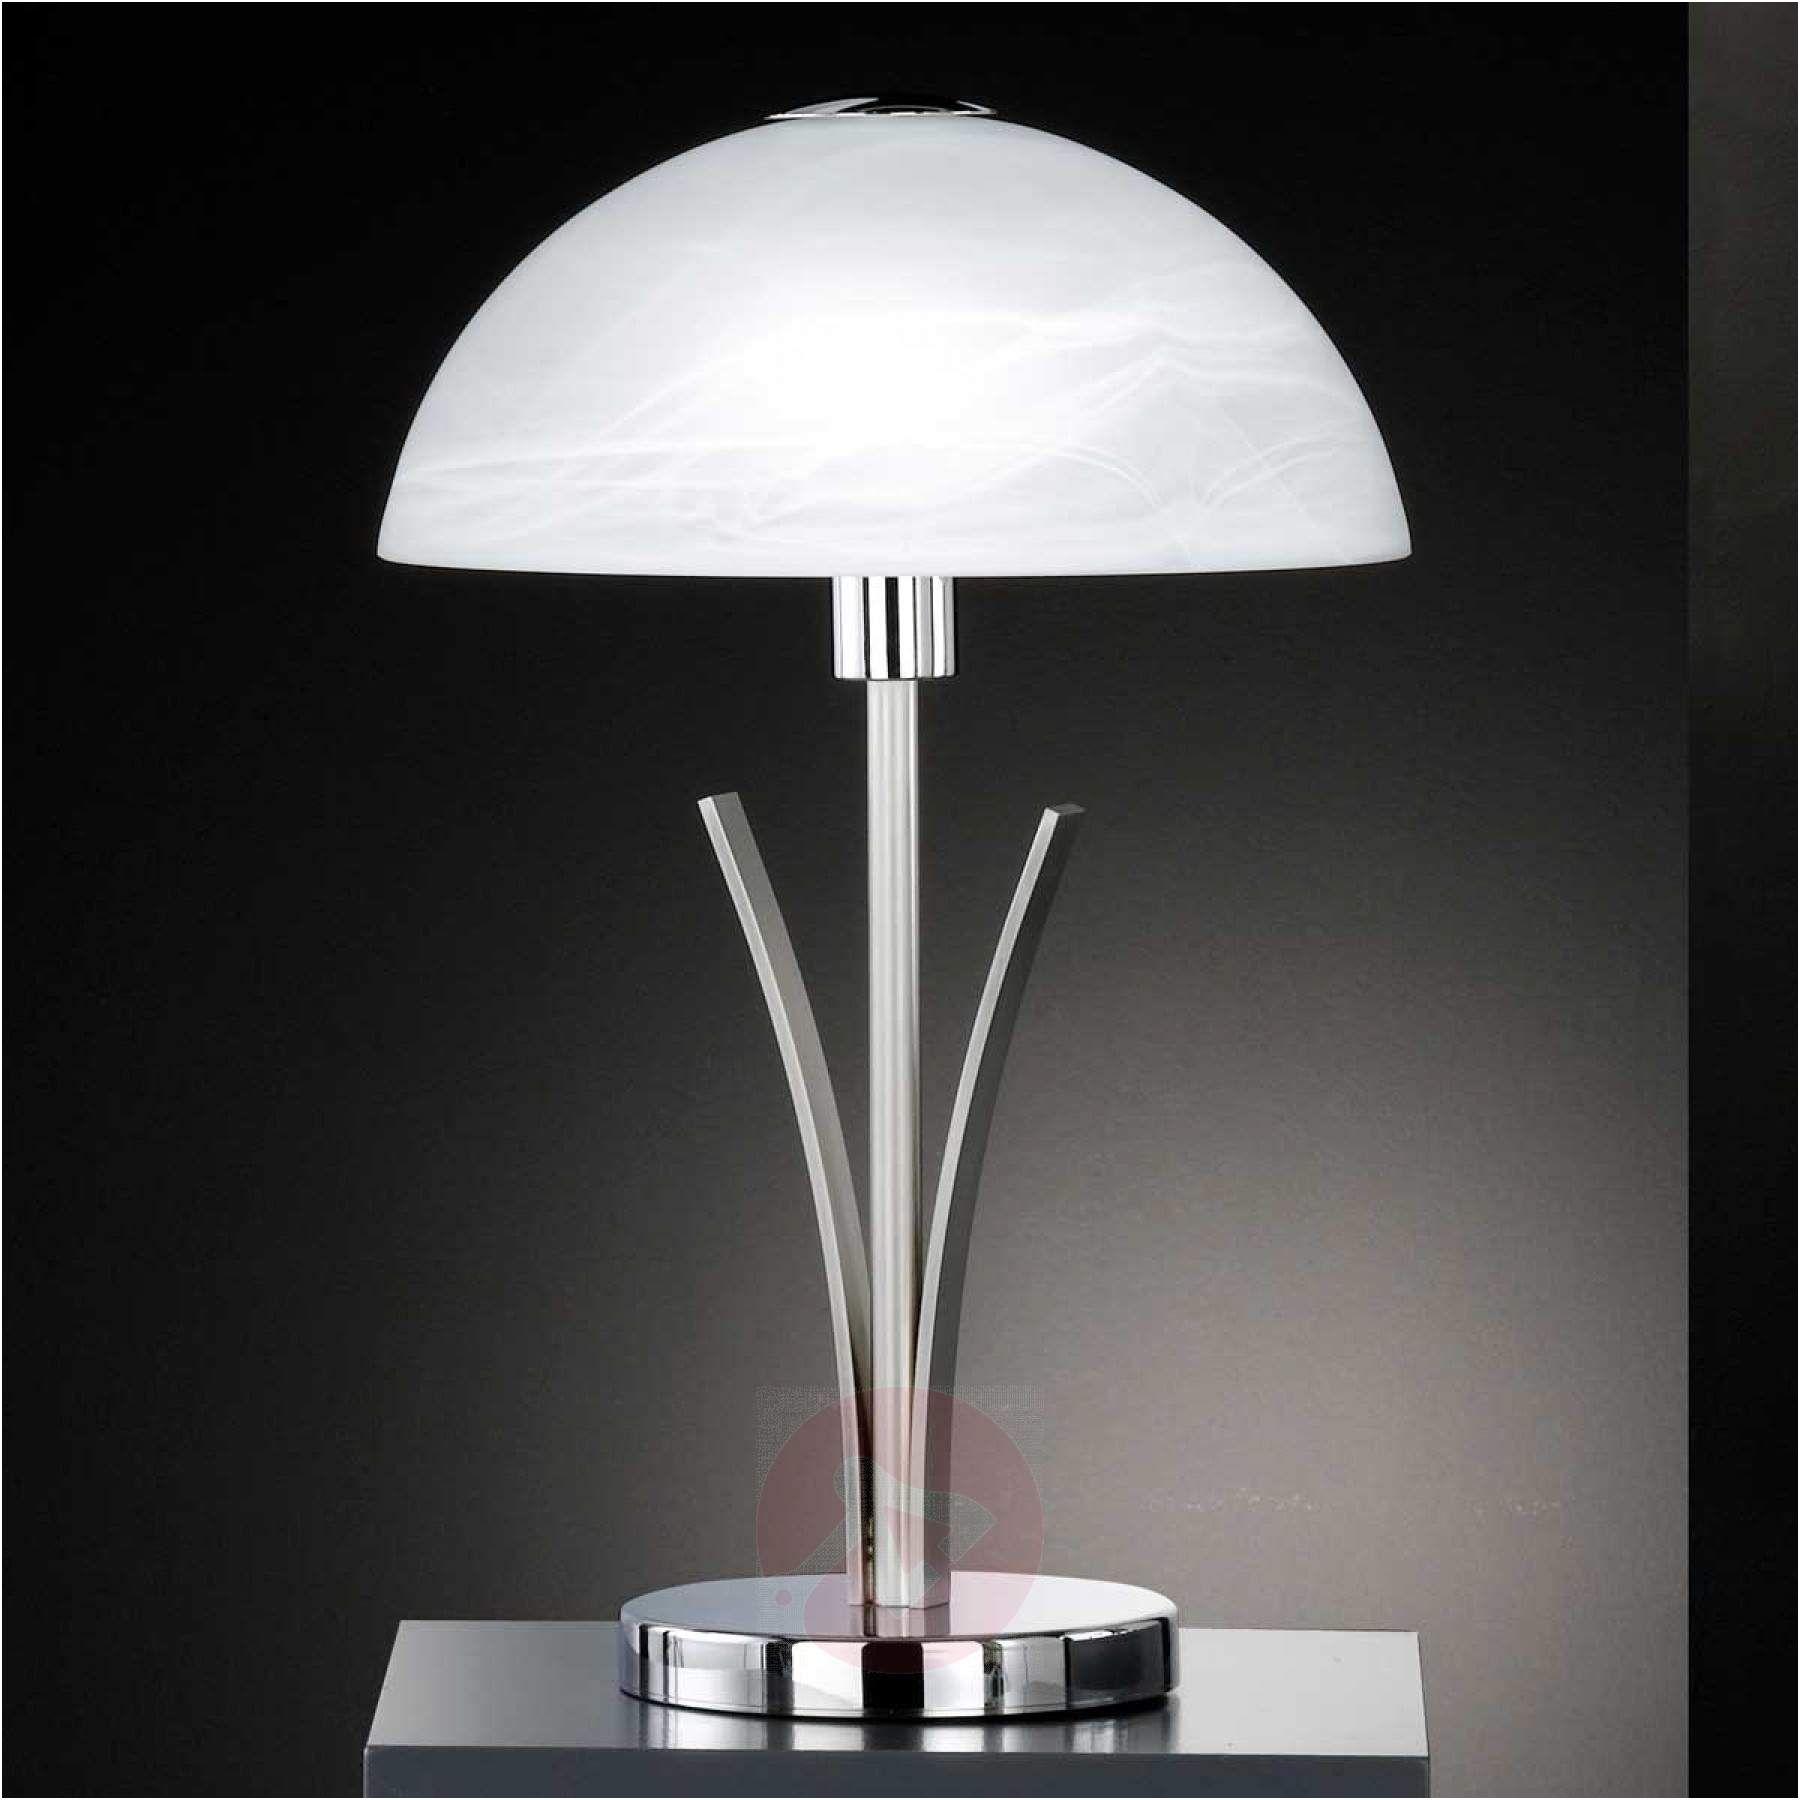 77 Elegant Lampe A Poser Pictures Check More At Https Www Jorgemorel Net 3007 77 Elegant Lampe A Poser Pictures Dengan Gambar